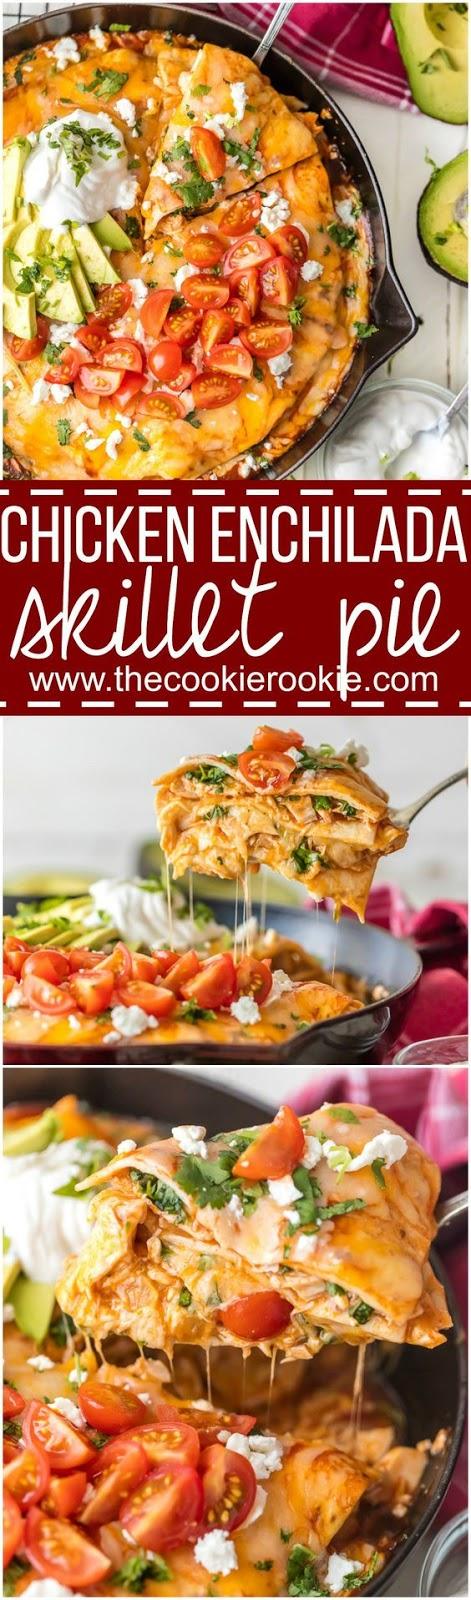 Chicken enchilada skillet pie